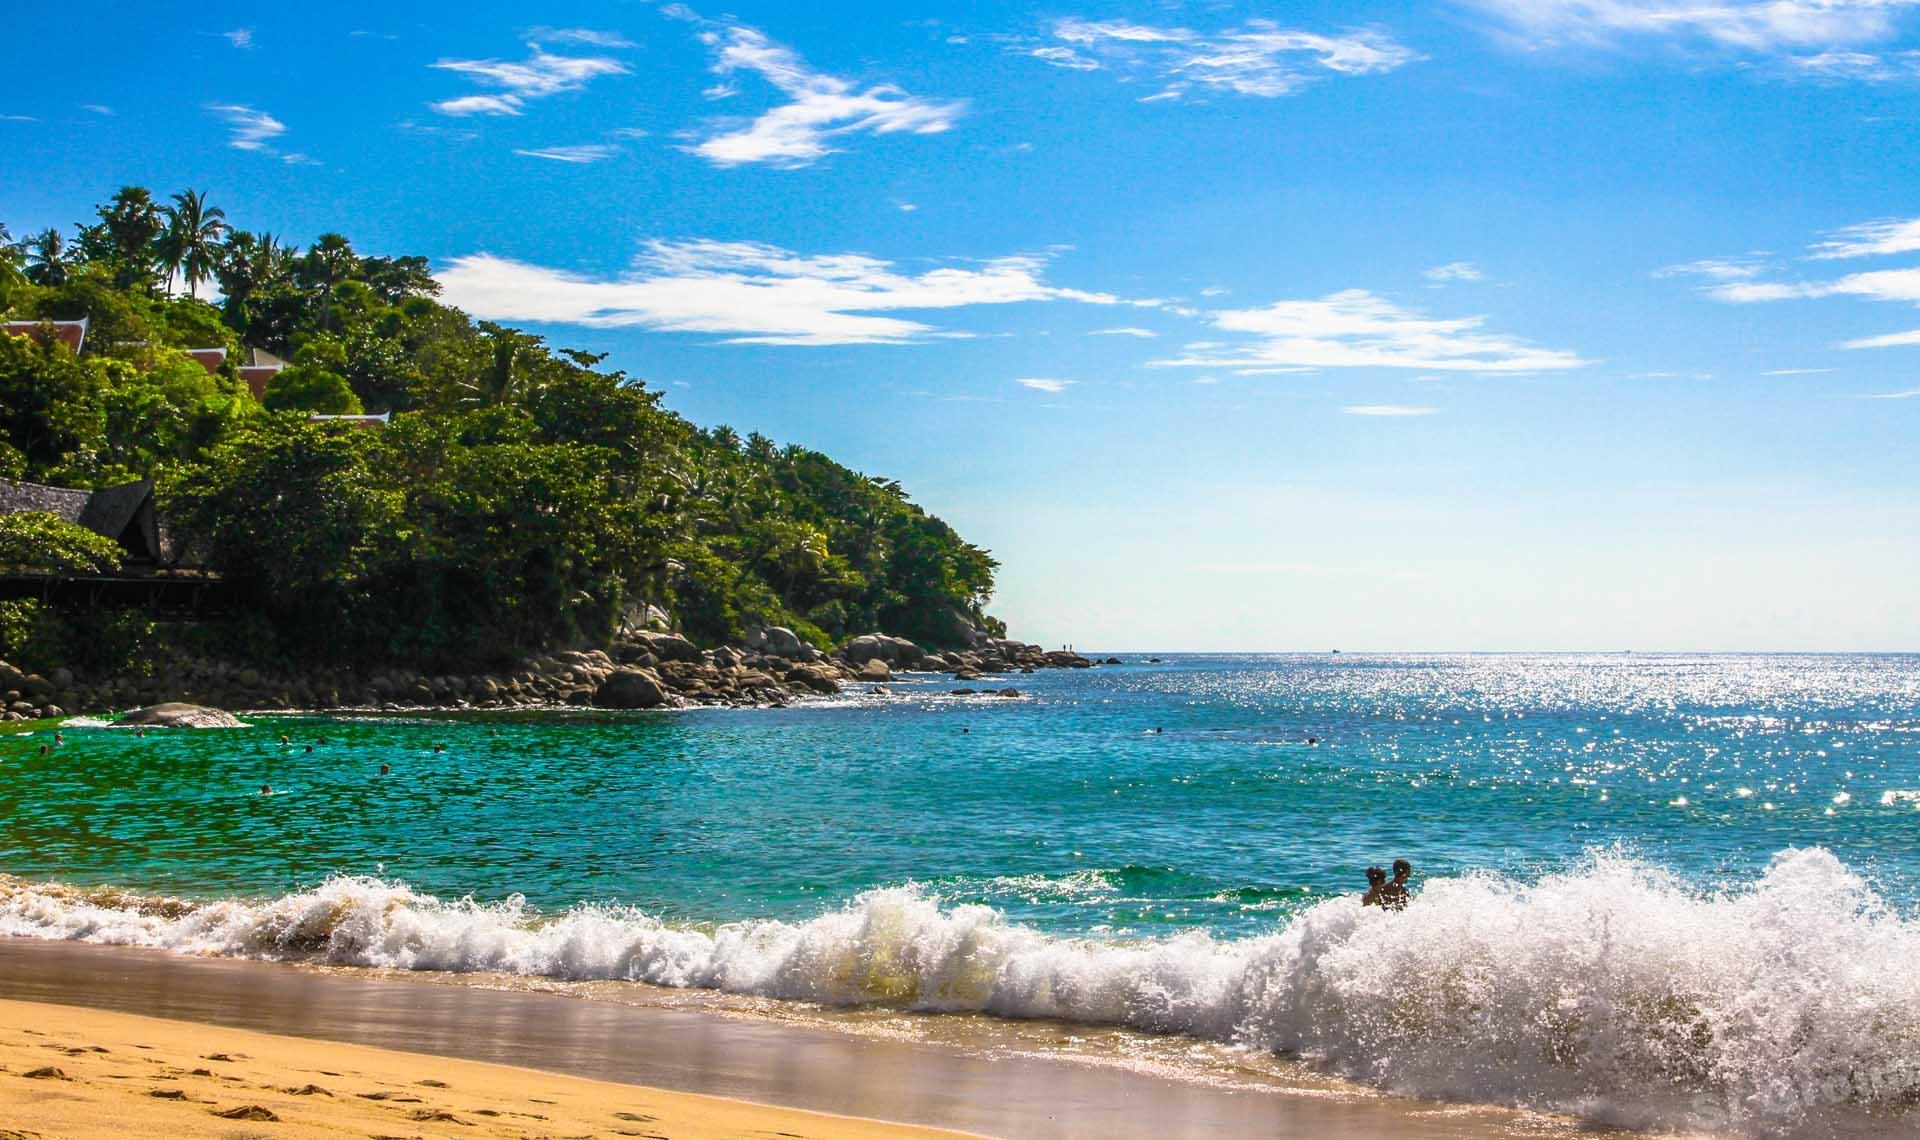 Лучшие пляжи на пхукете фото